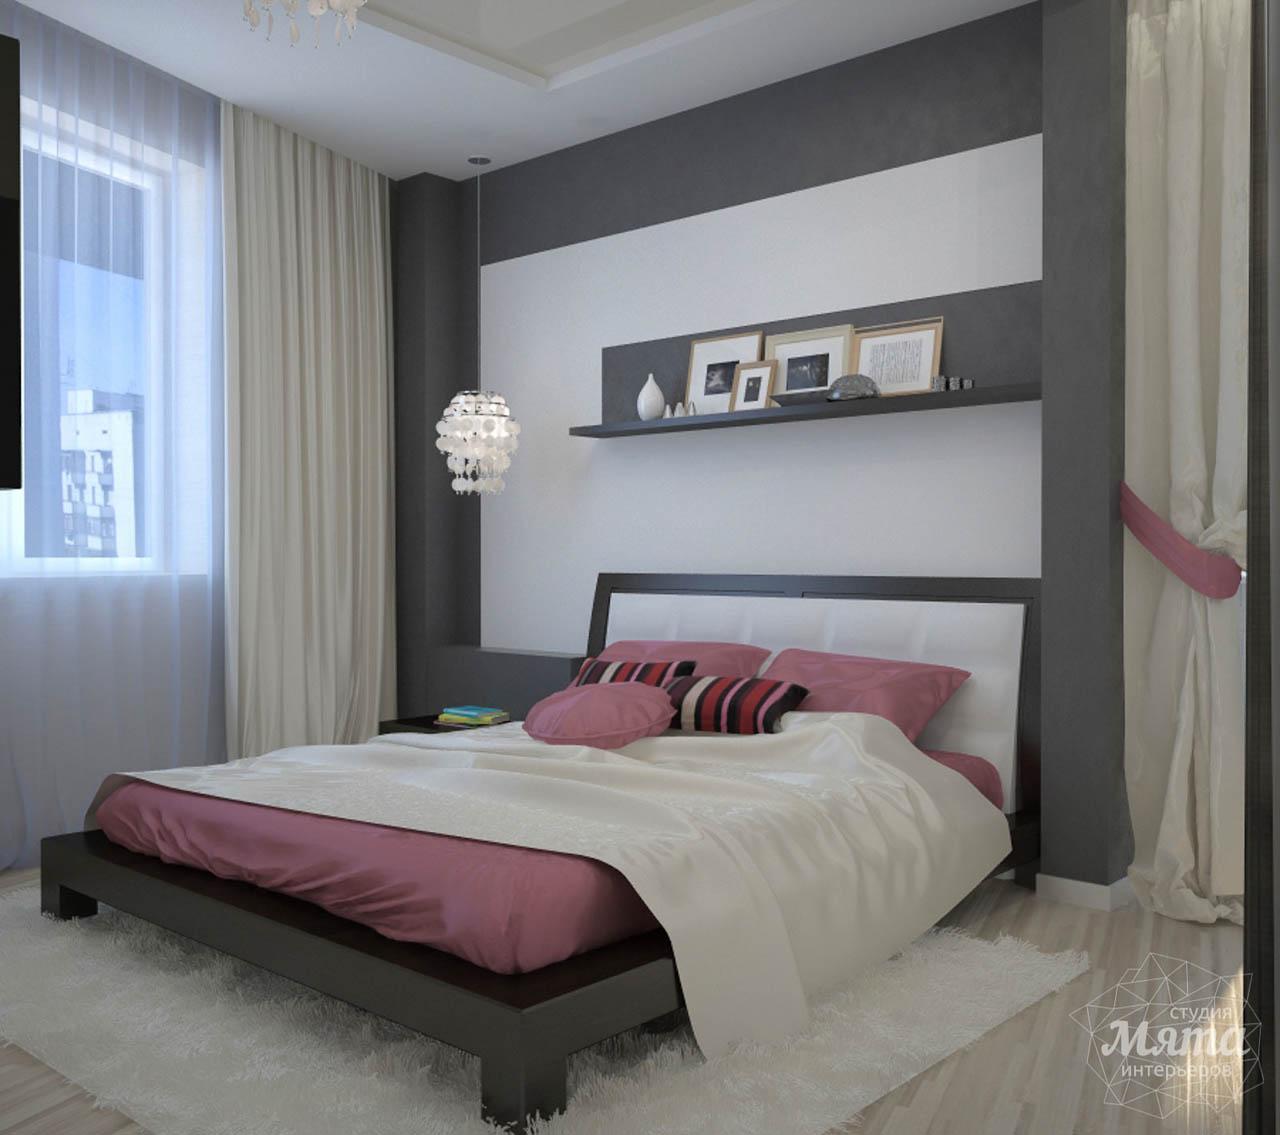 Дизайн интерьера и ремонт трехкомнатной квартиры по ул. Попова 33а img12732759